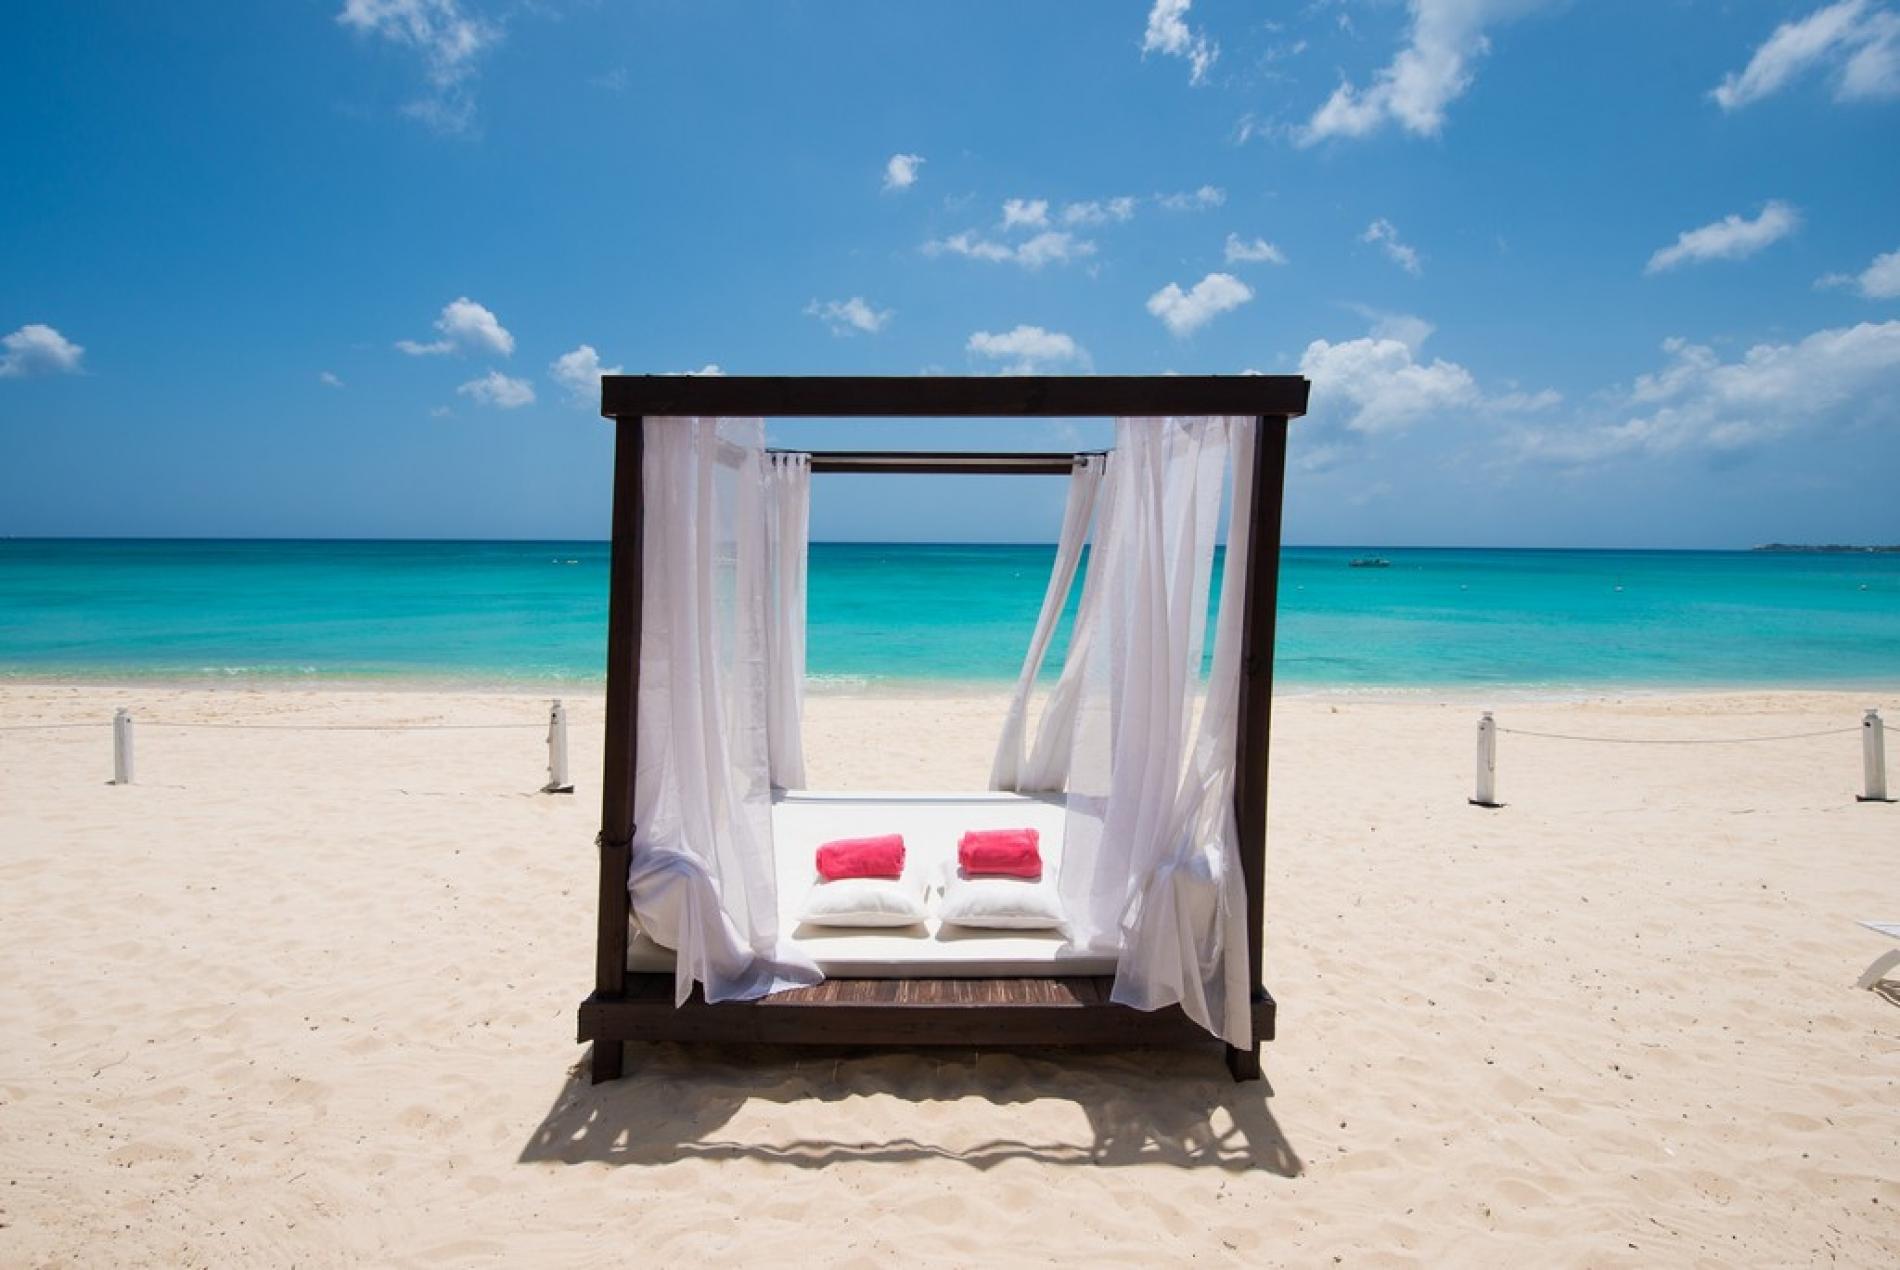 Coral Reef Cayman Islands Exceptional Villas